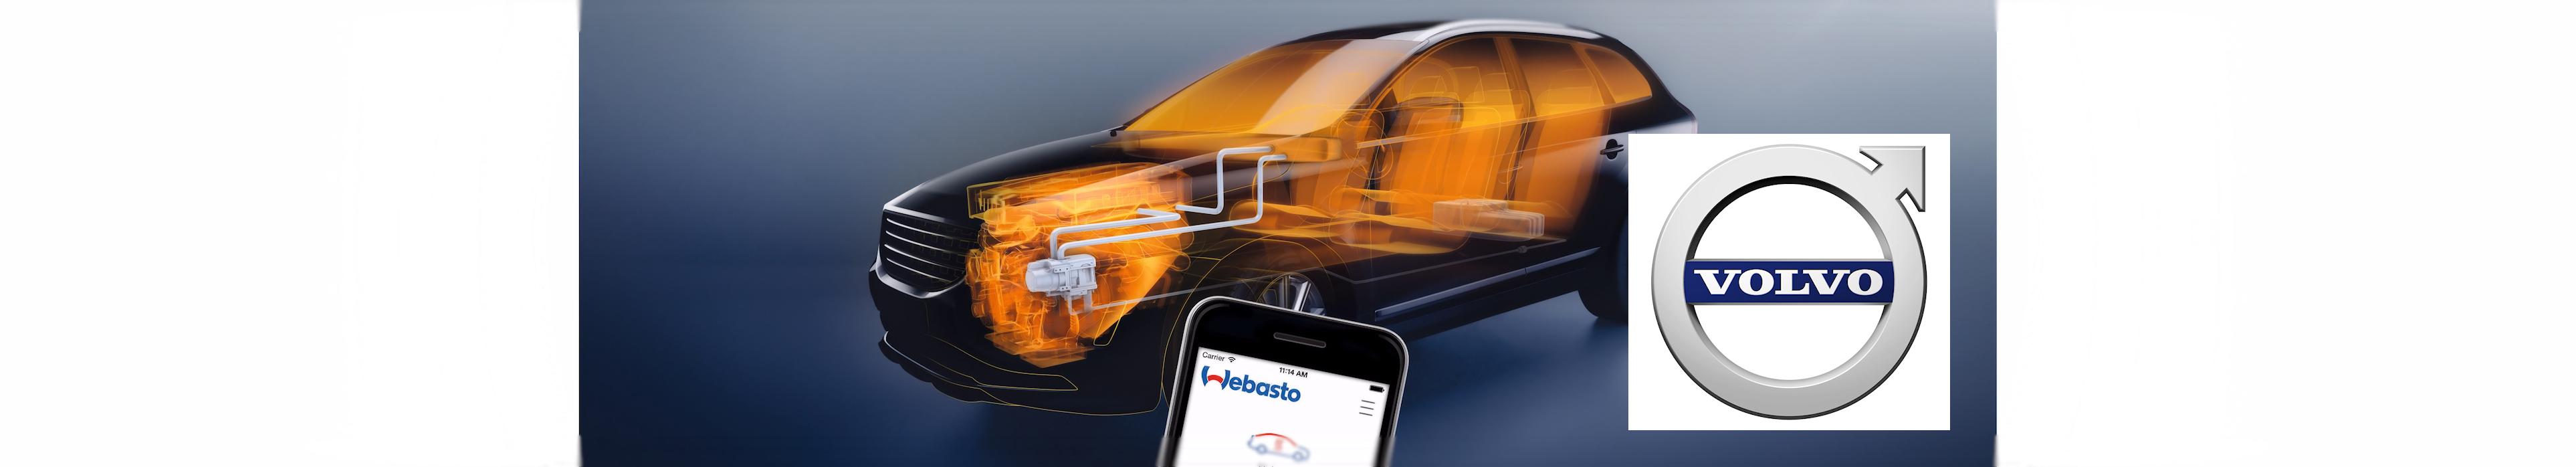 Wat kost een parkeerverwarming inbouwen bij Volvo